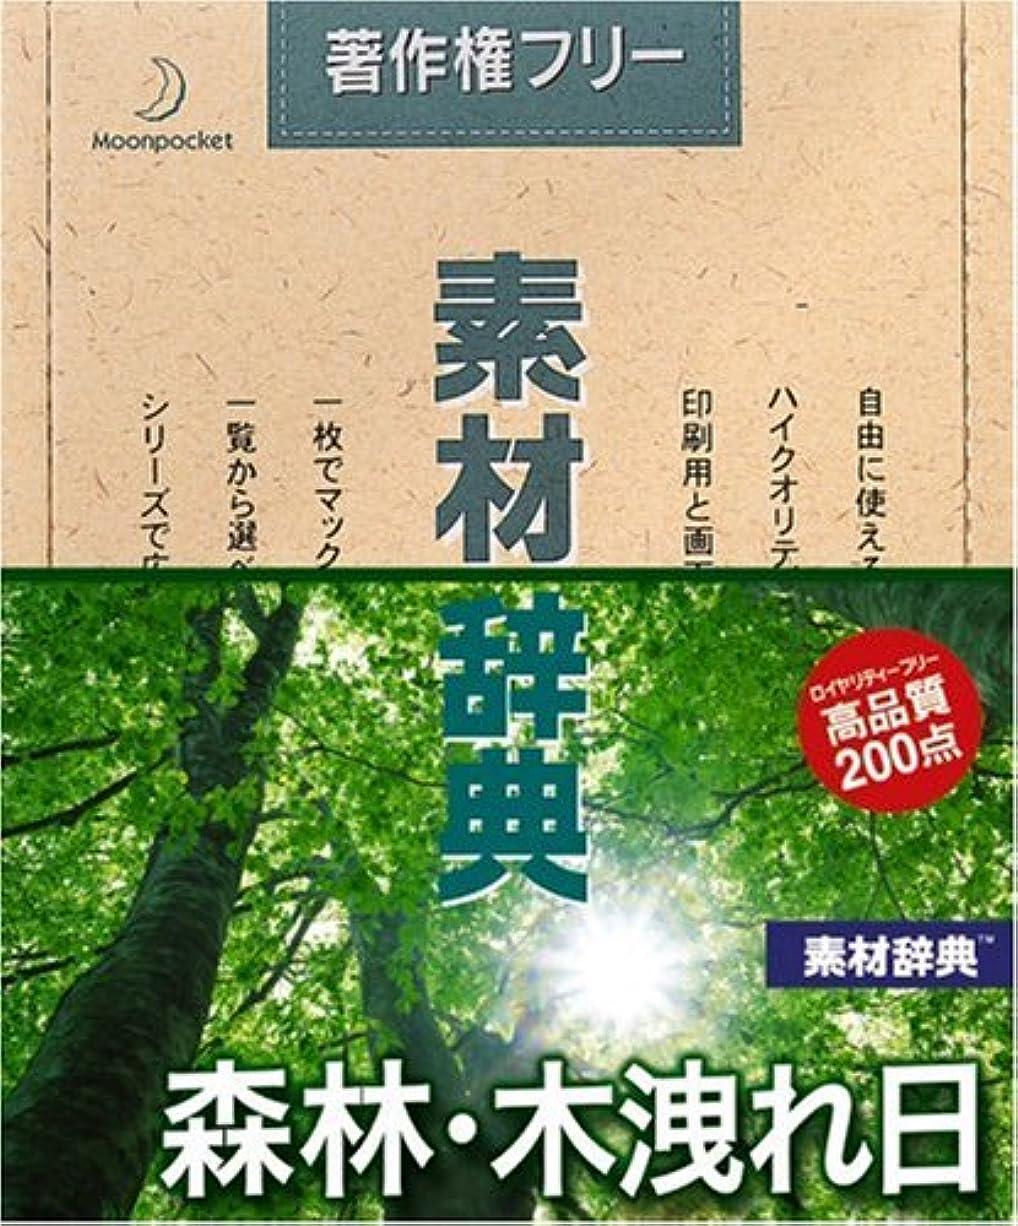 カプセル代わりのノミネート素材辞典 Vol.134 森林?木洩れ日編